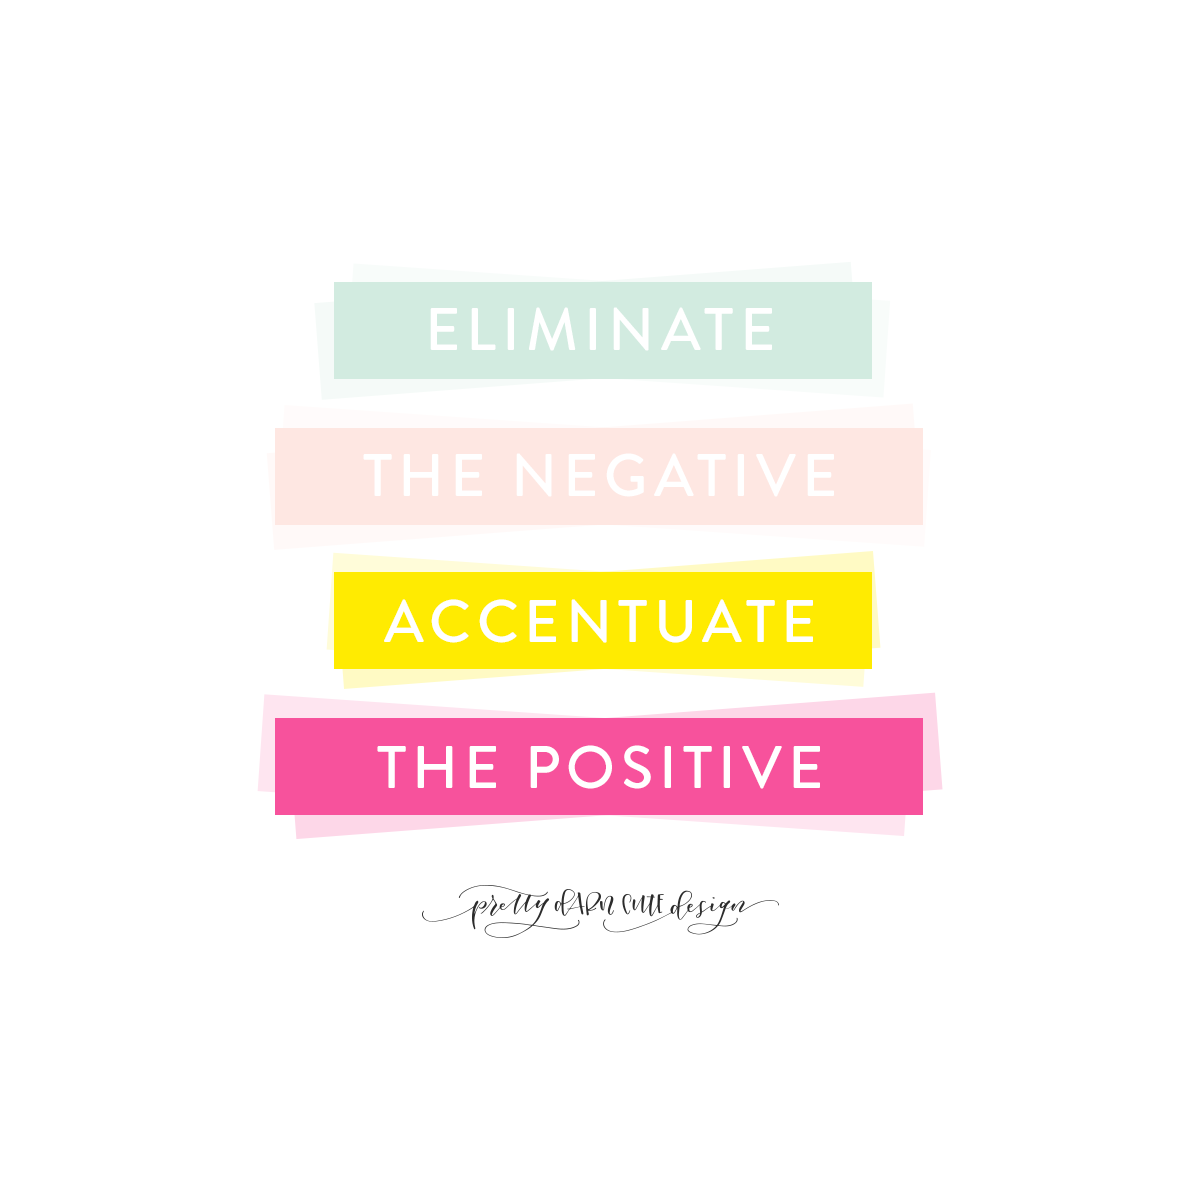 eliminatethenegative